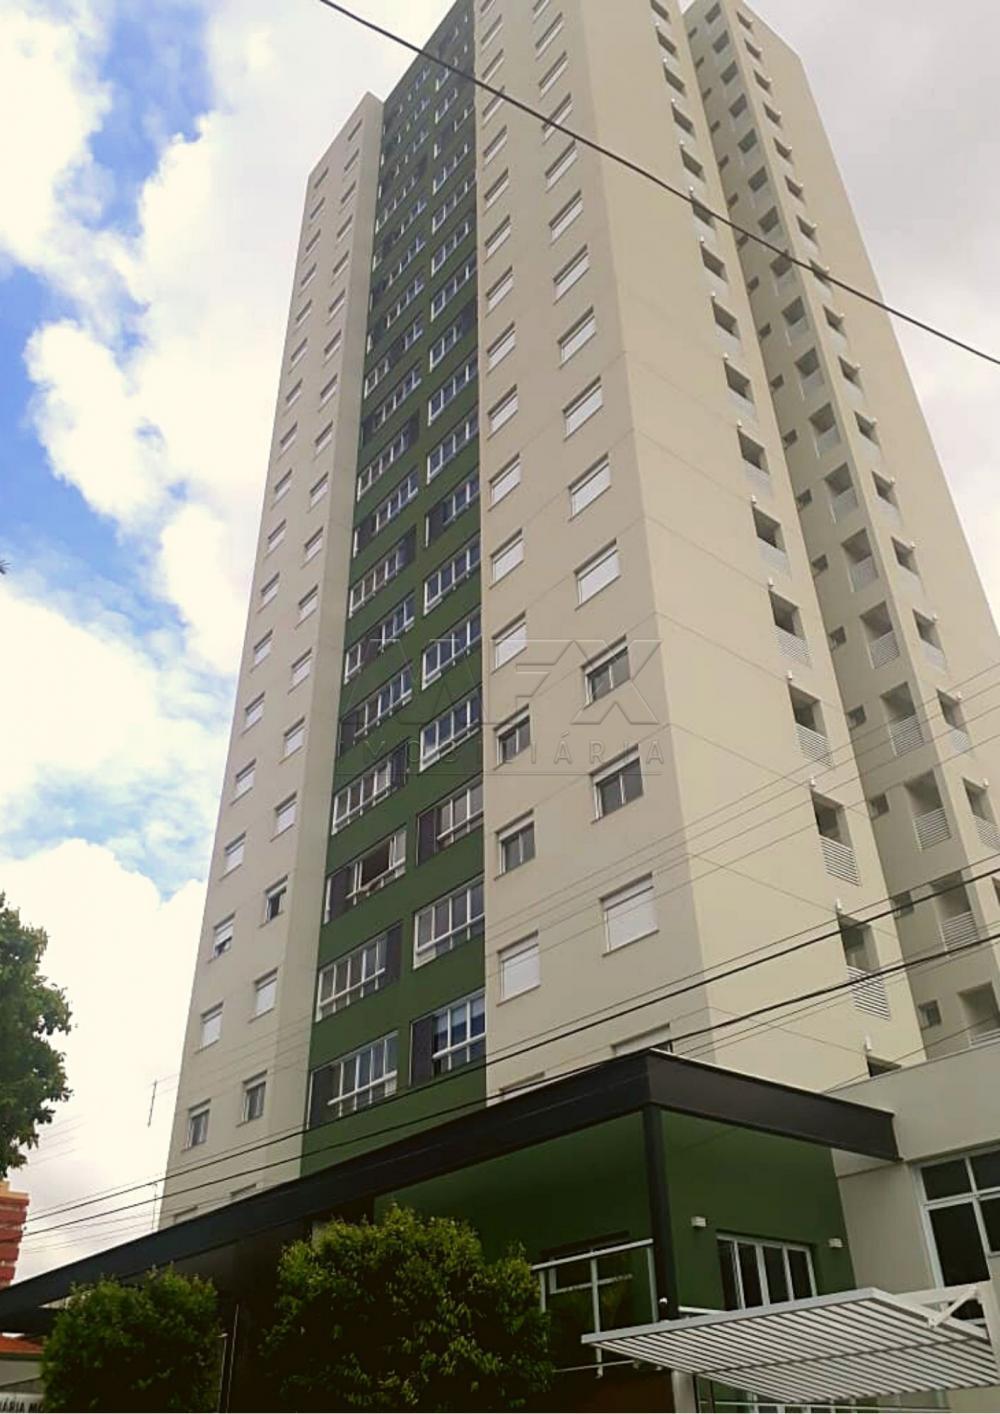 Comprar Apartamento / Padrão em Bauru R$ 390.000,00 - Foto 2